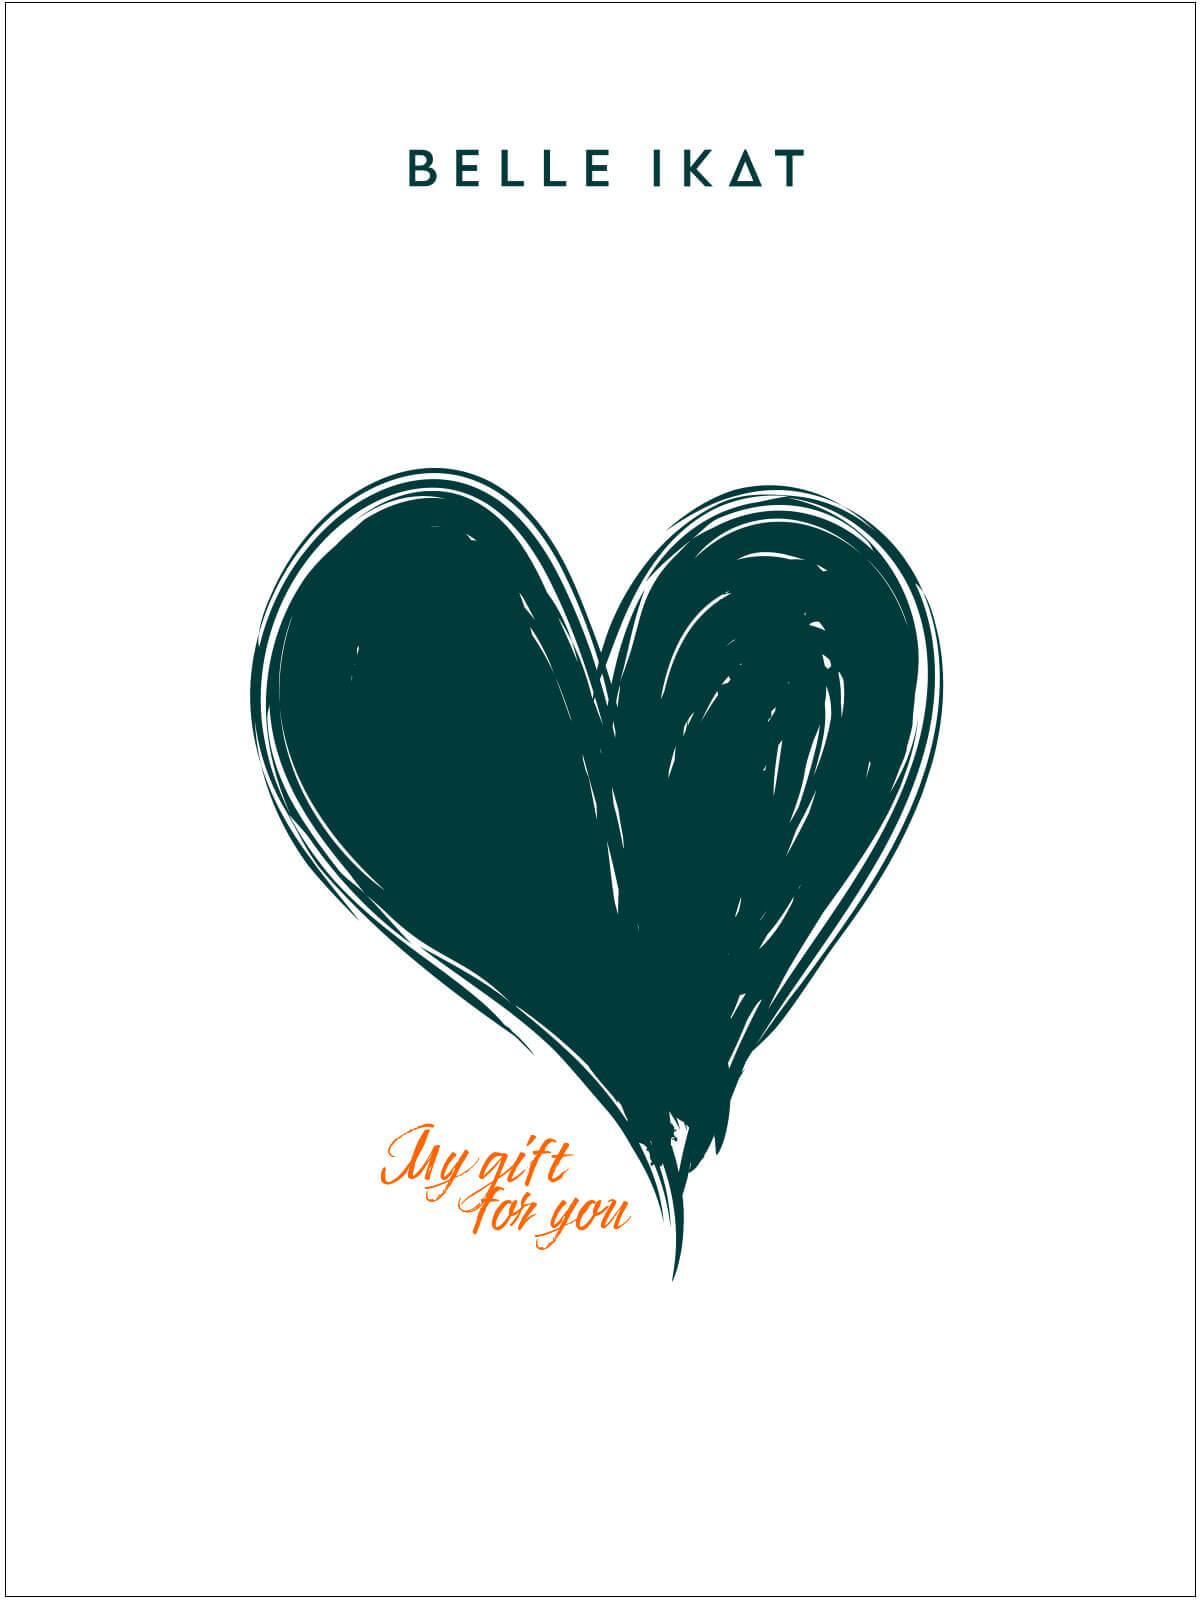 """Illustration von einem Herz und Schriftzug """"My gift for you"""""""